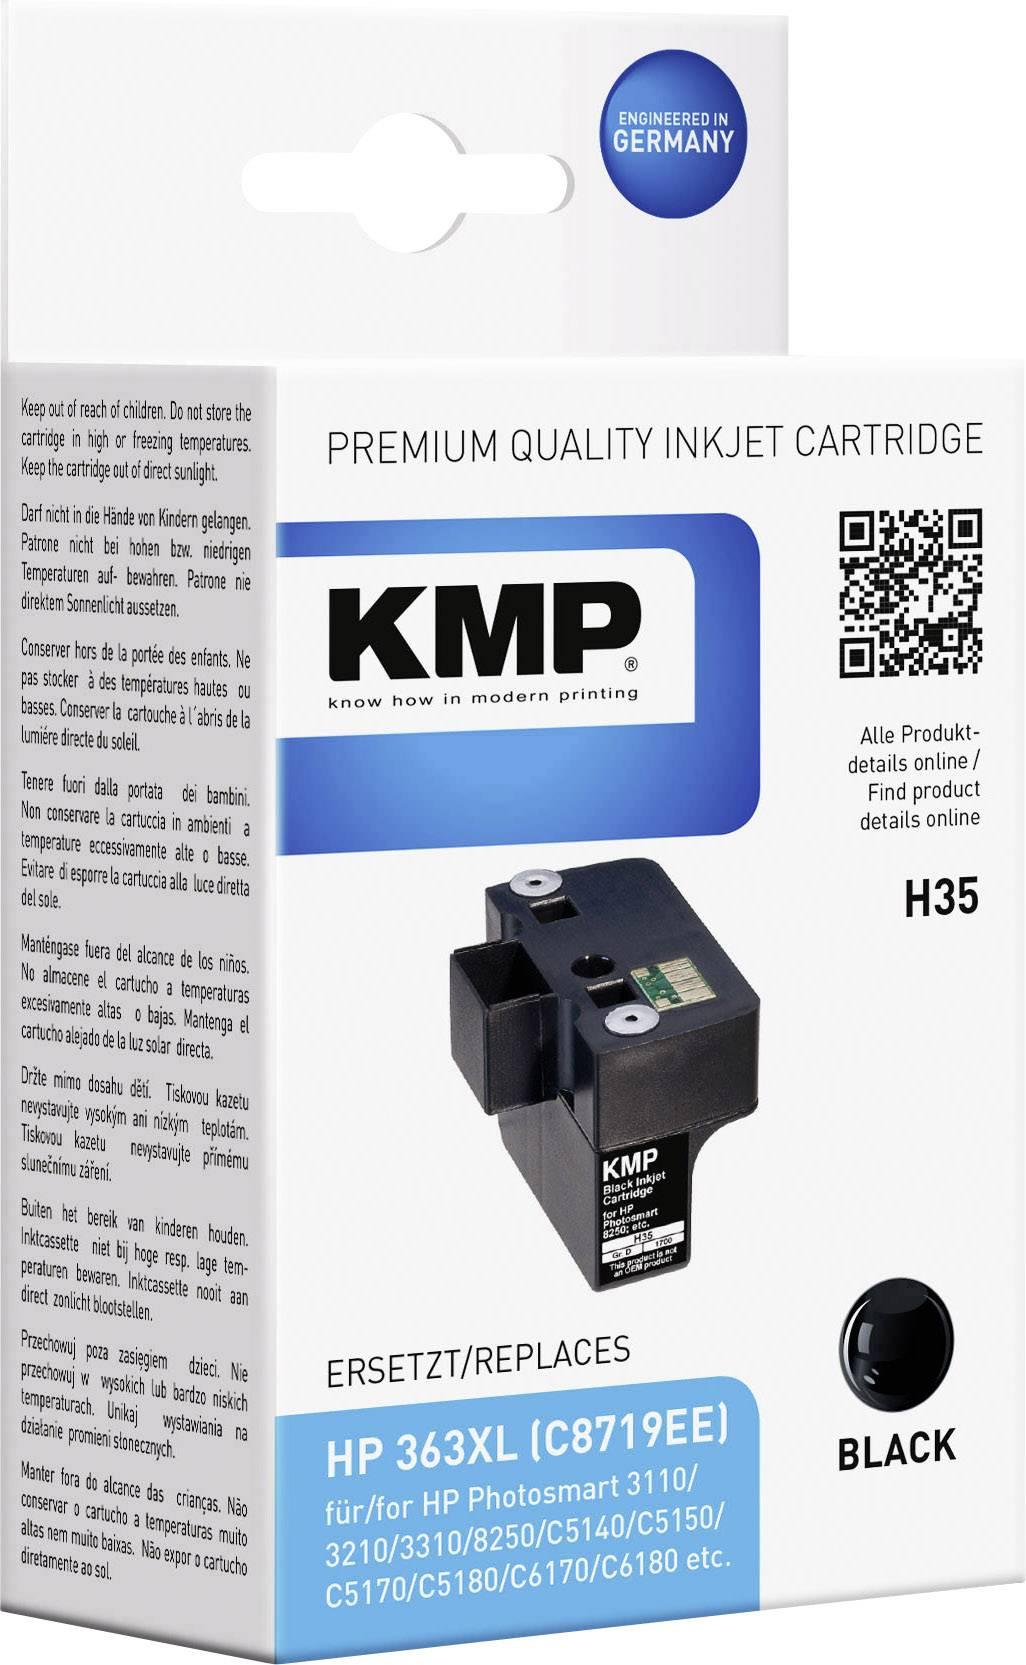 Kompatibilná náplň do tlačiarne KMP H35 1700,0001, čierna